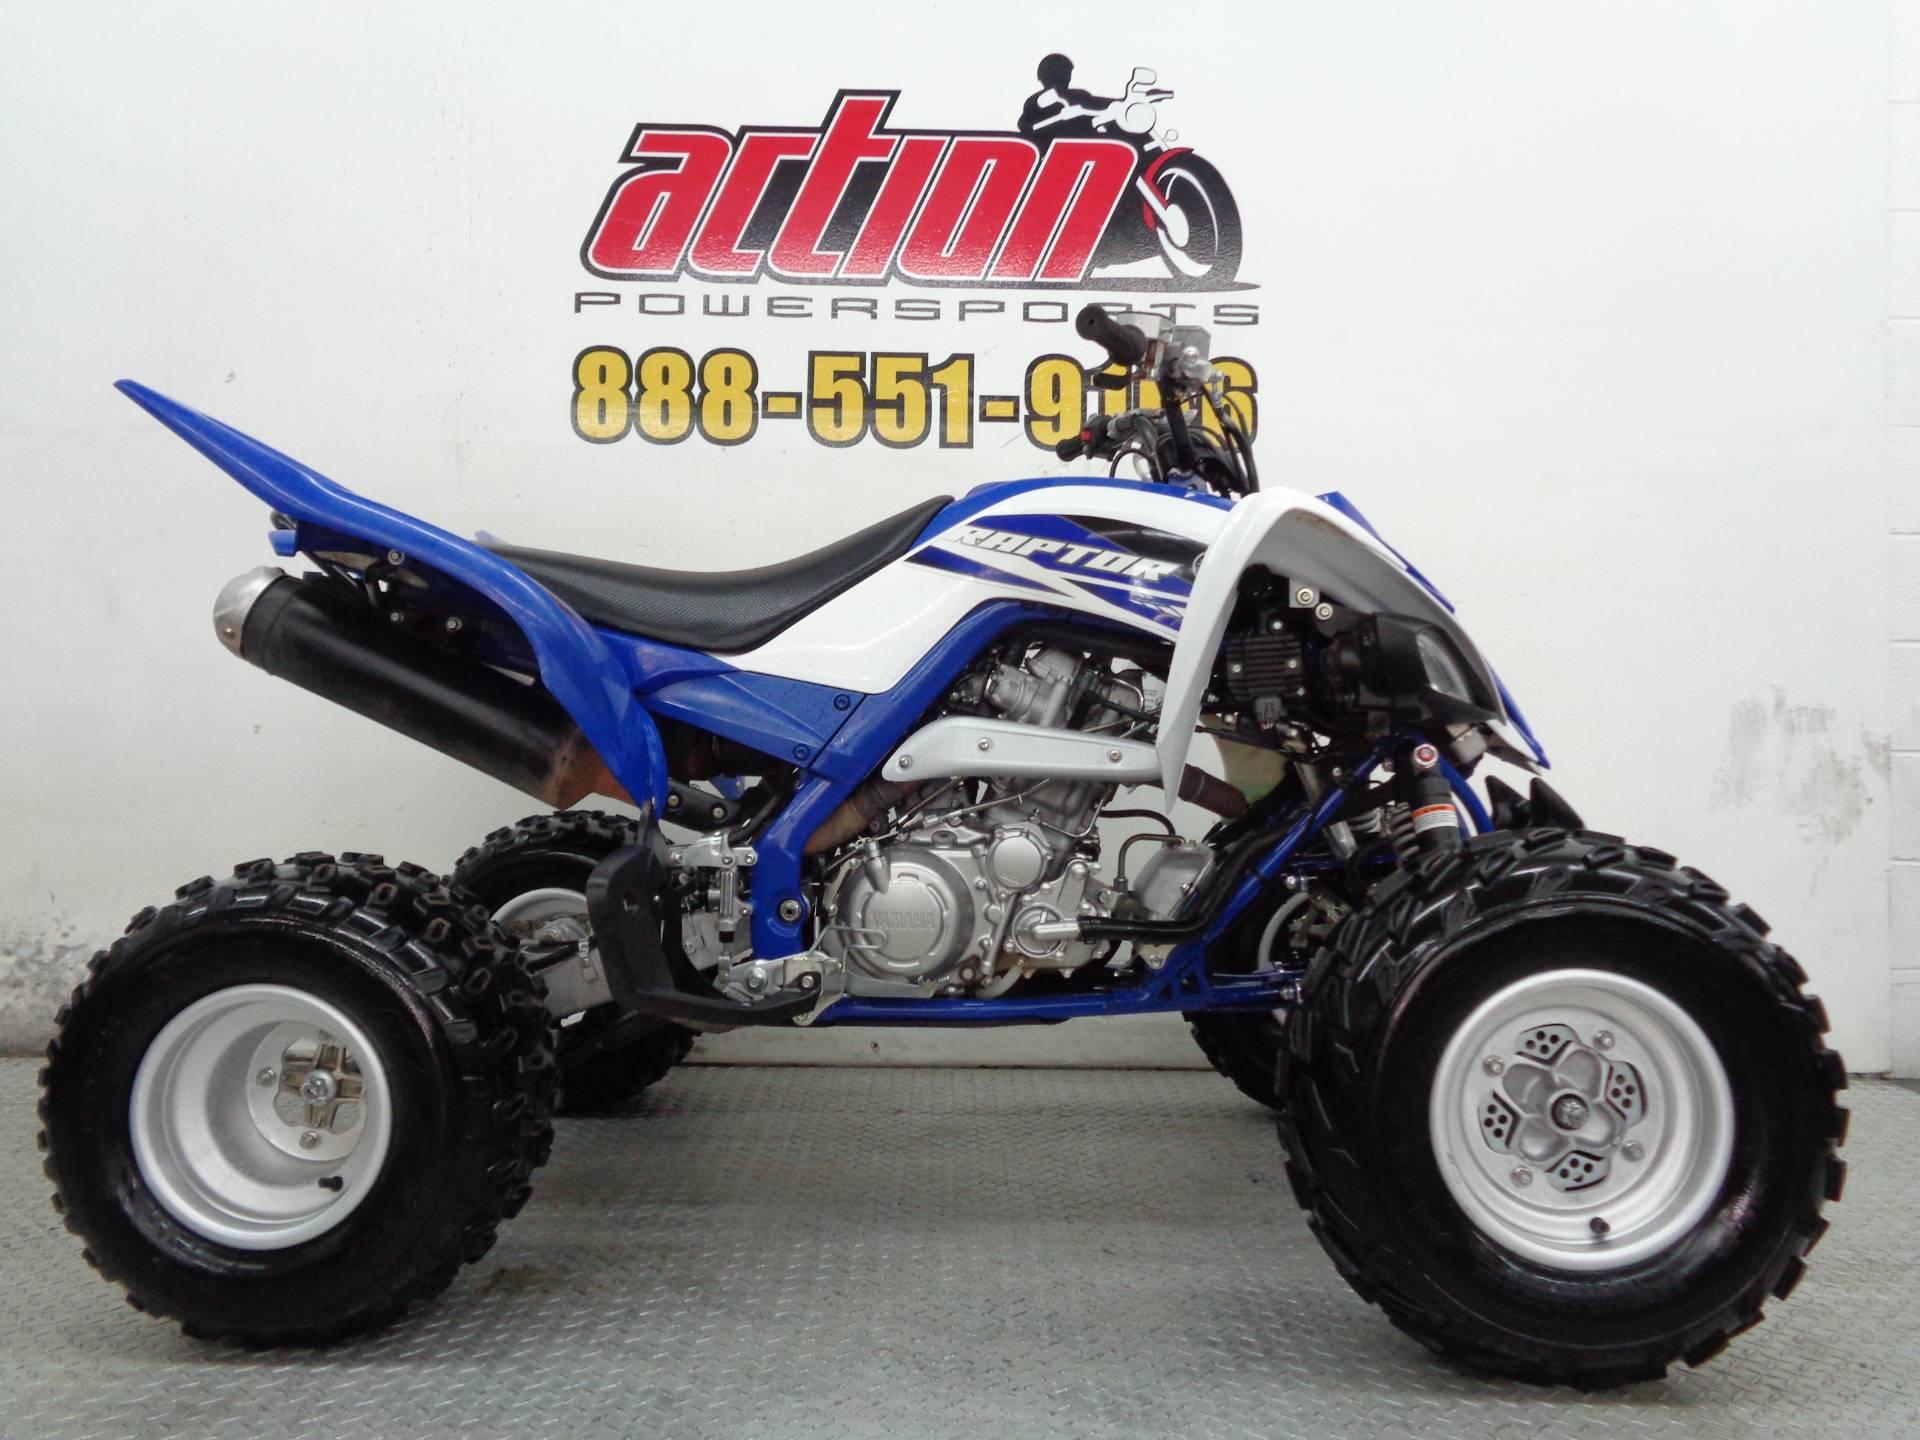 2015 Yamaha Raptor 700R for sale 137027